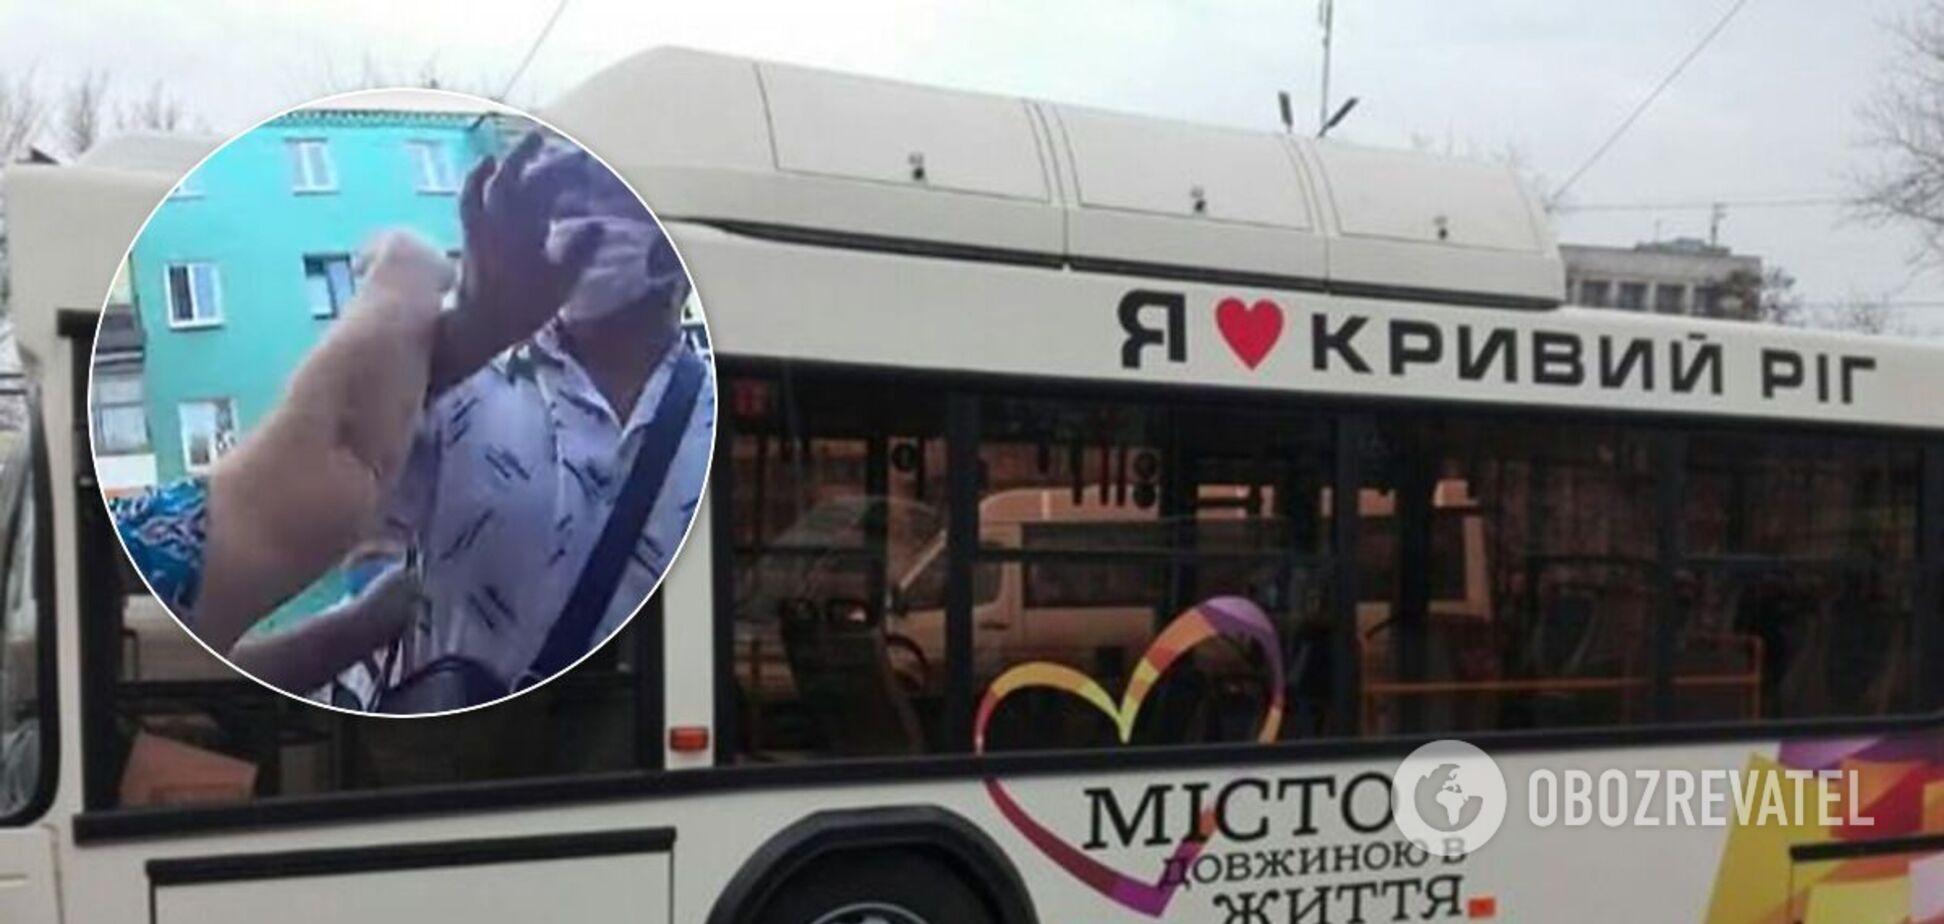 В Кривом Роге пассажиры подрались за место в автобусе. Видео